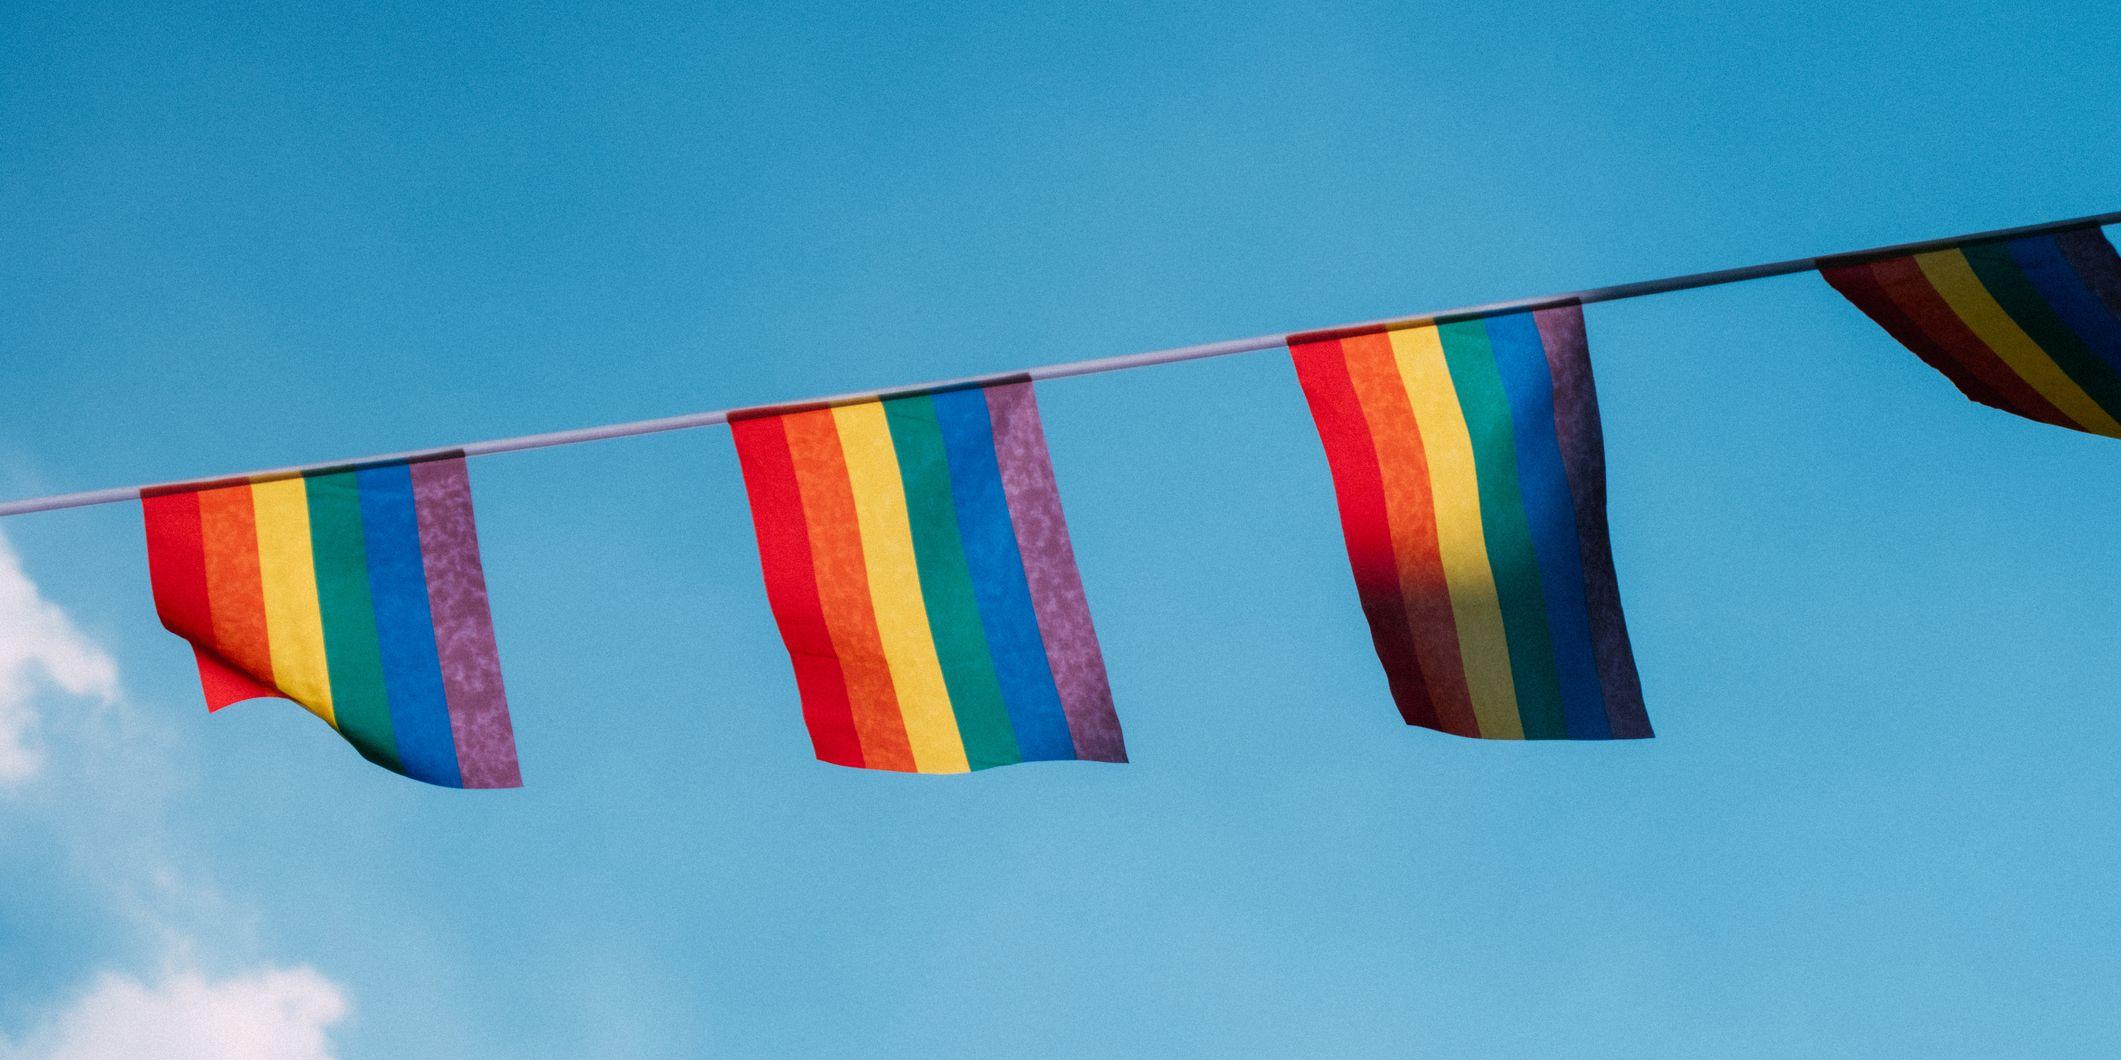 Am I gay, straight, lesbian, bisexual or LGBTQ+?